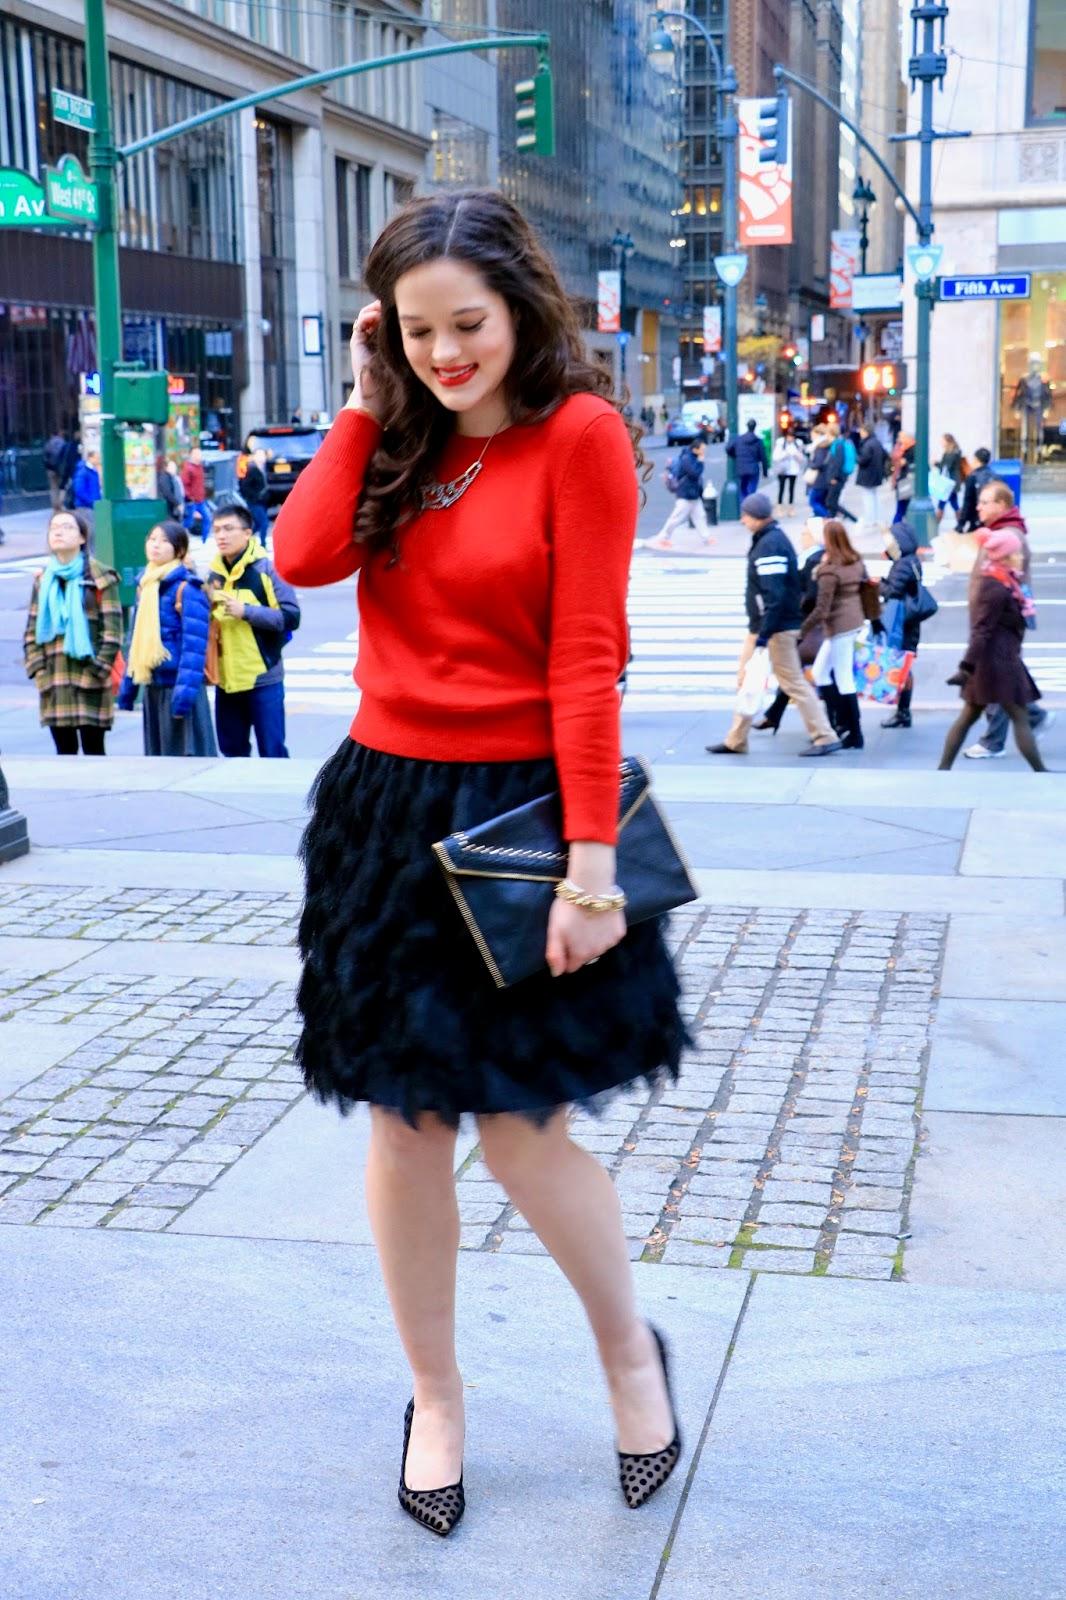 nyc christmas fashion pics